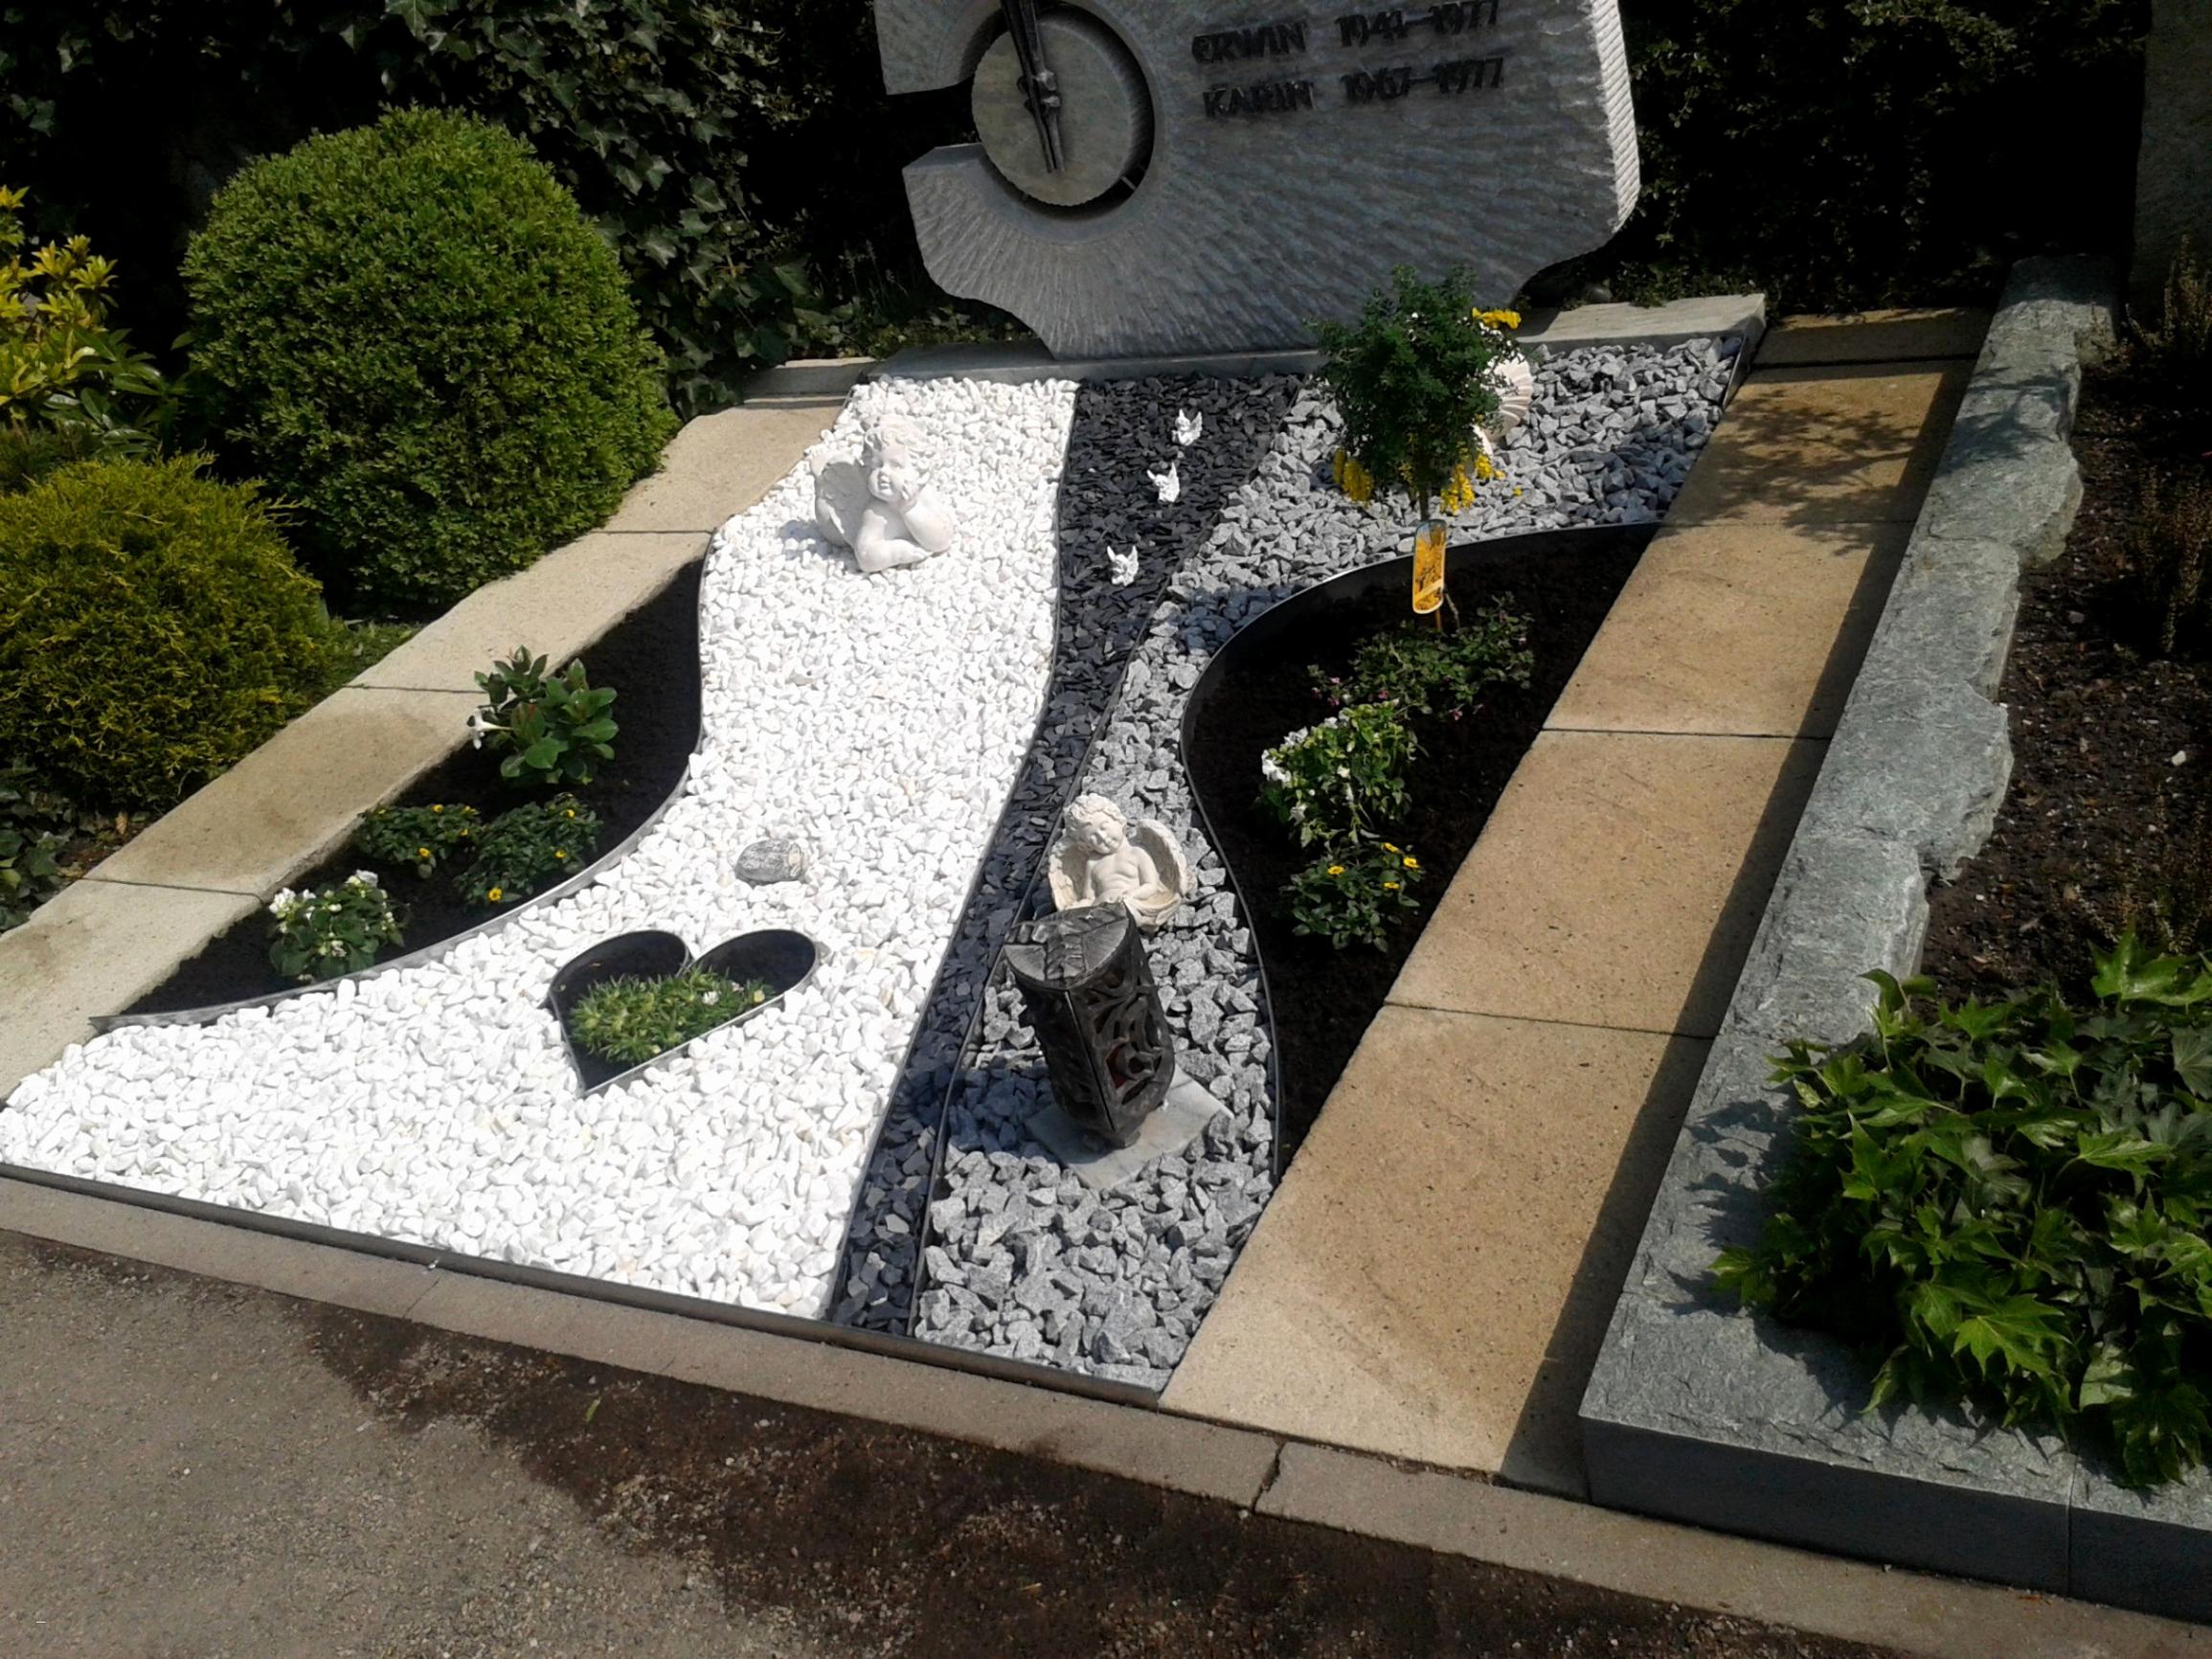 terassengestaltung inspirierend terrasse beet la terrasse terrasse terrasse am hang terrasse am hang